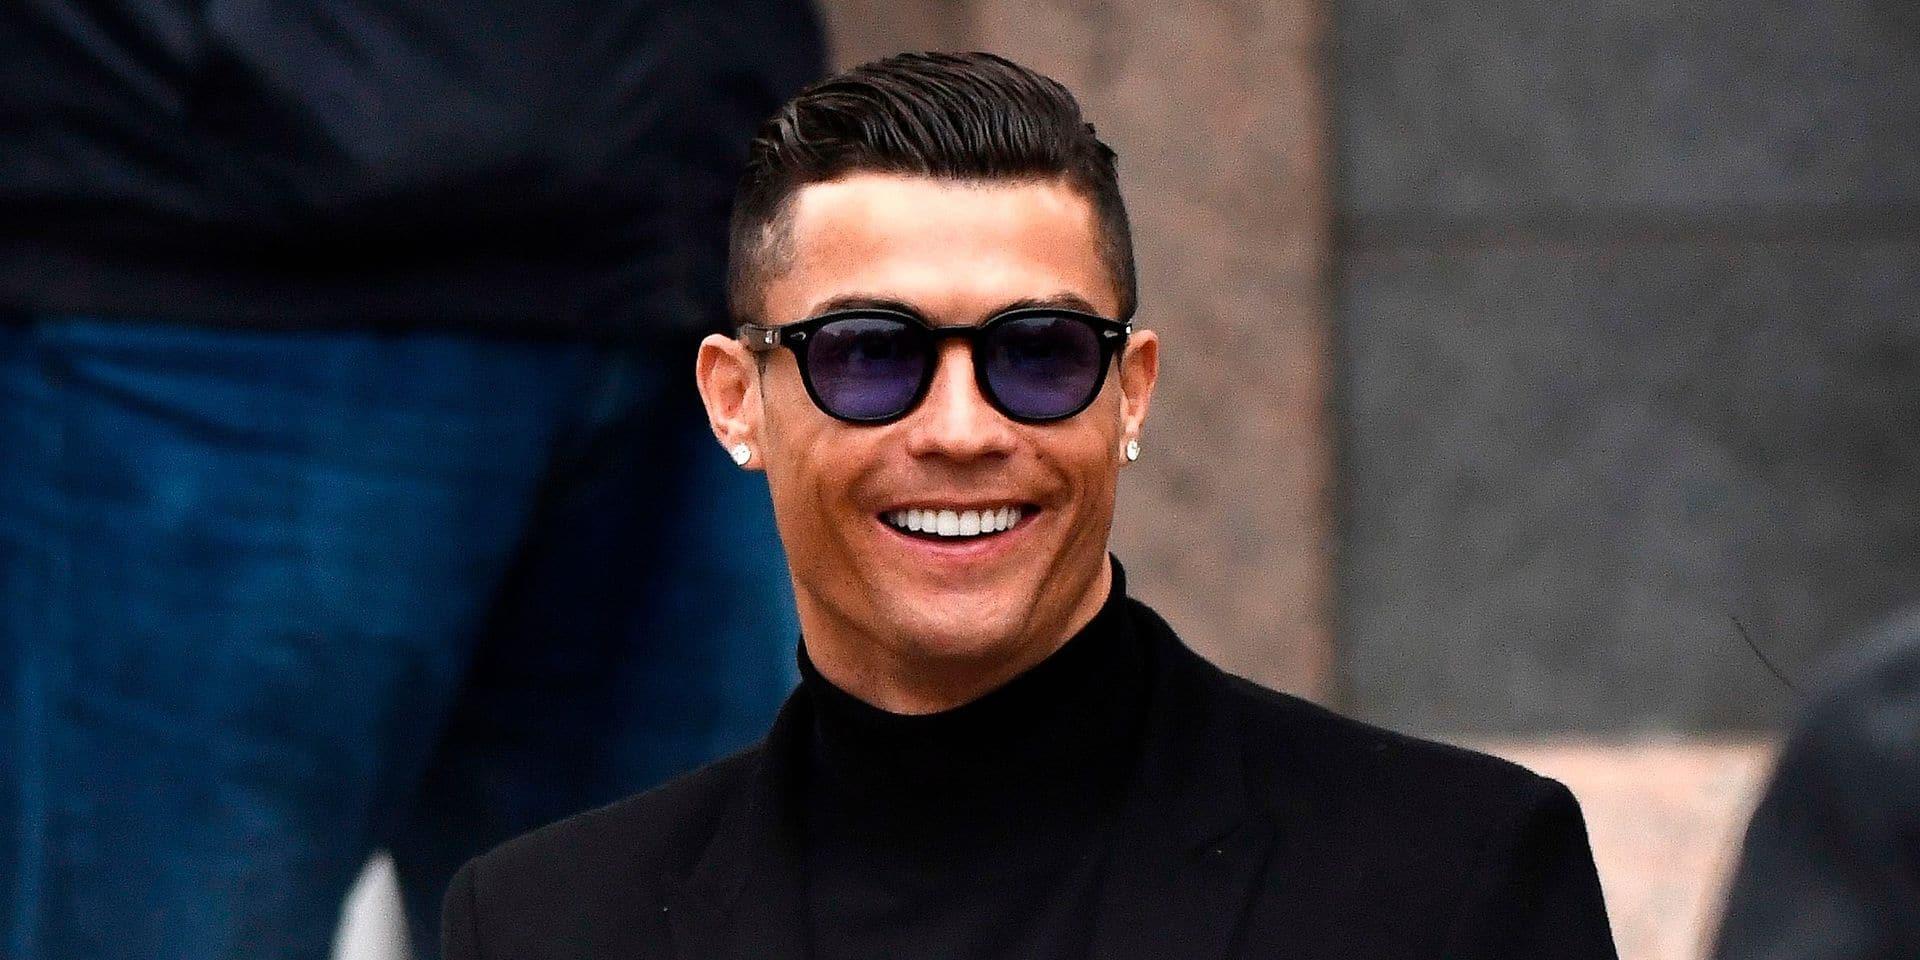 Ce post sponsorisé d'à peine 2 lignes sur Instagram a rapporté 1 million de dollars à Cristiano Ronaldo